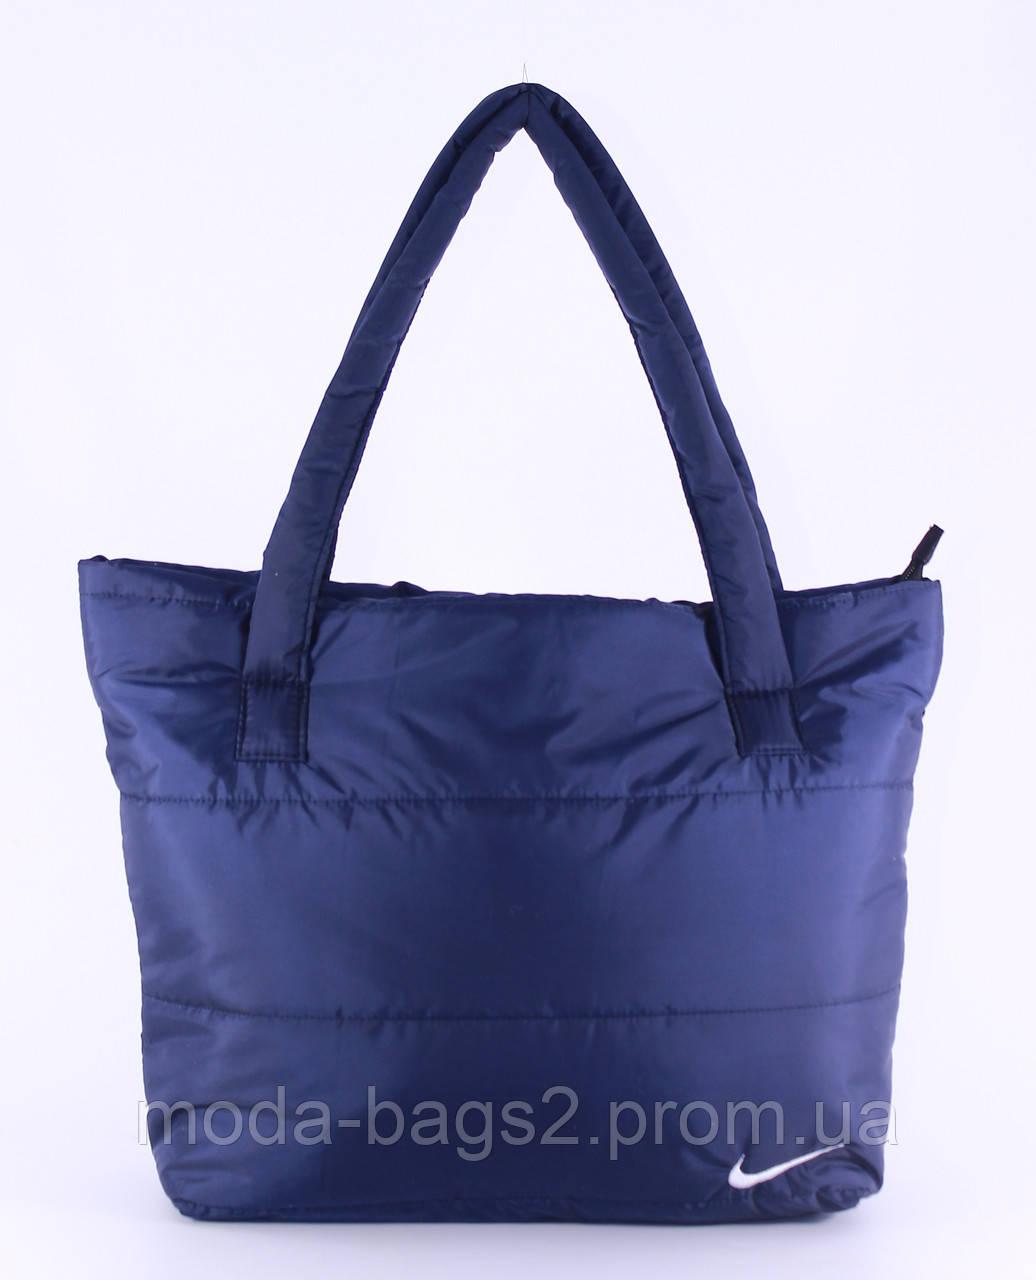 c0eab02a398a Стеганая сумка Nike реплика синяя - Женская Одежда и Аксессуары в Харькове